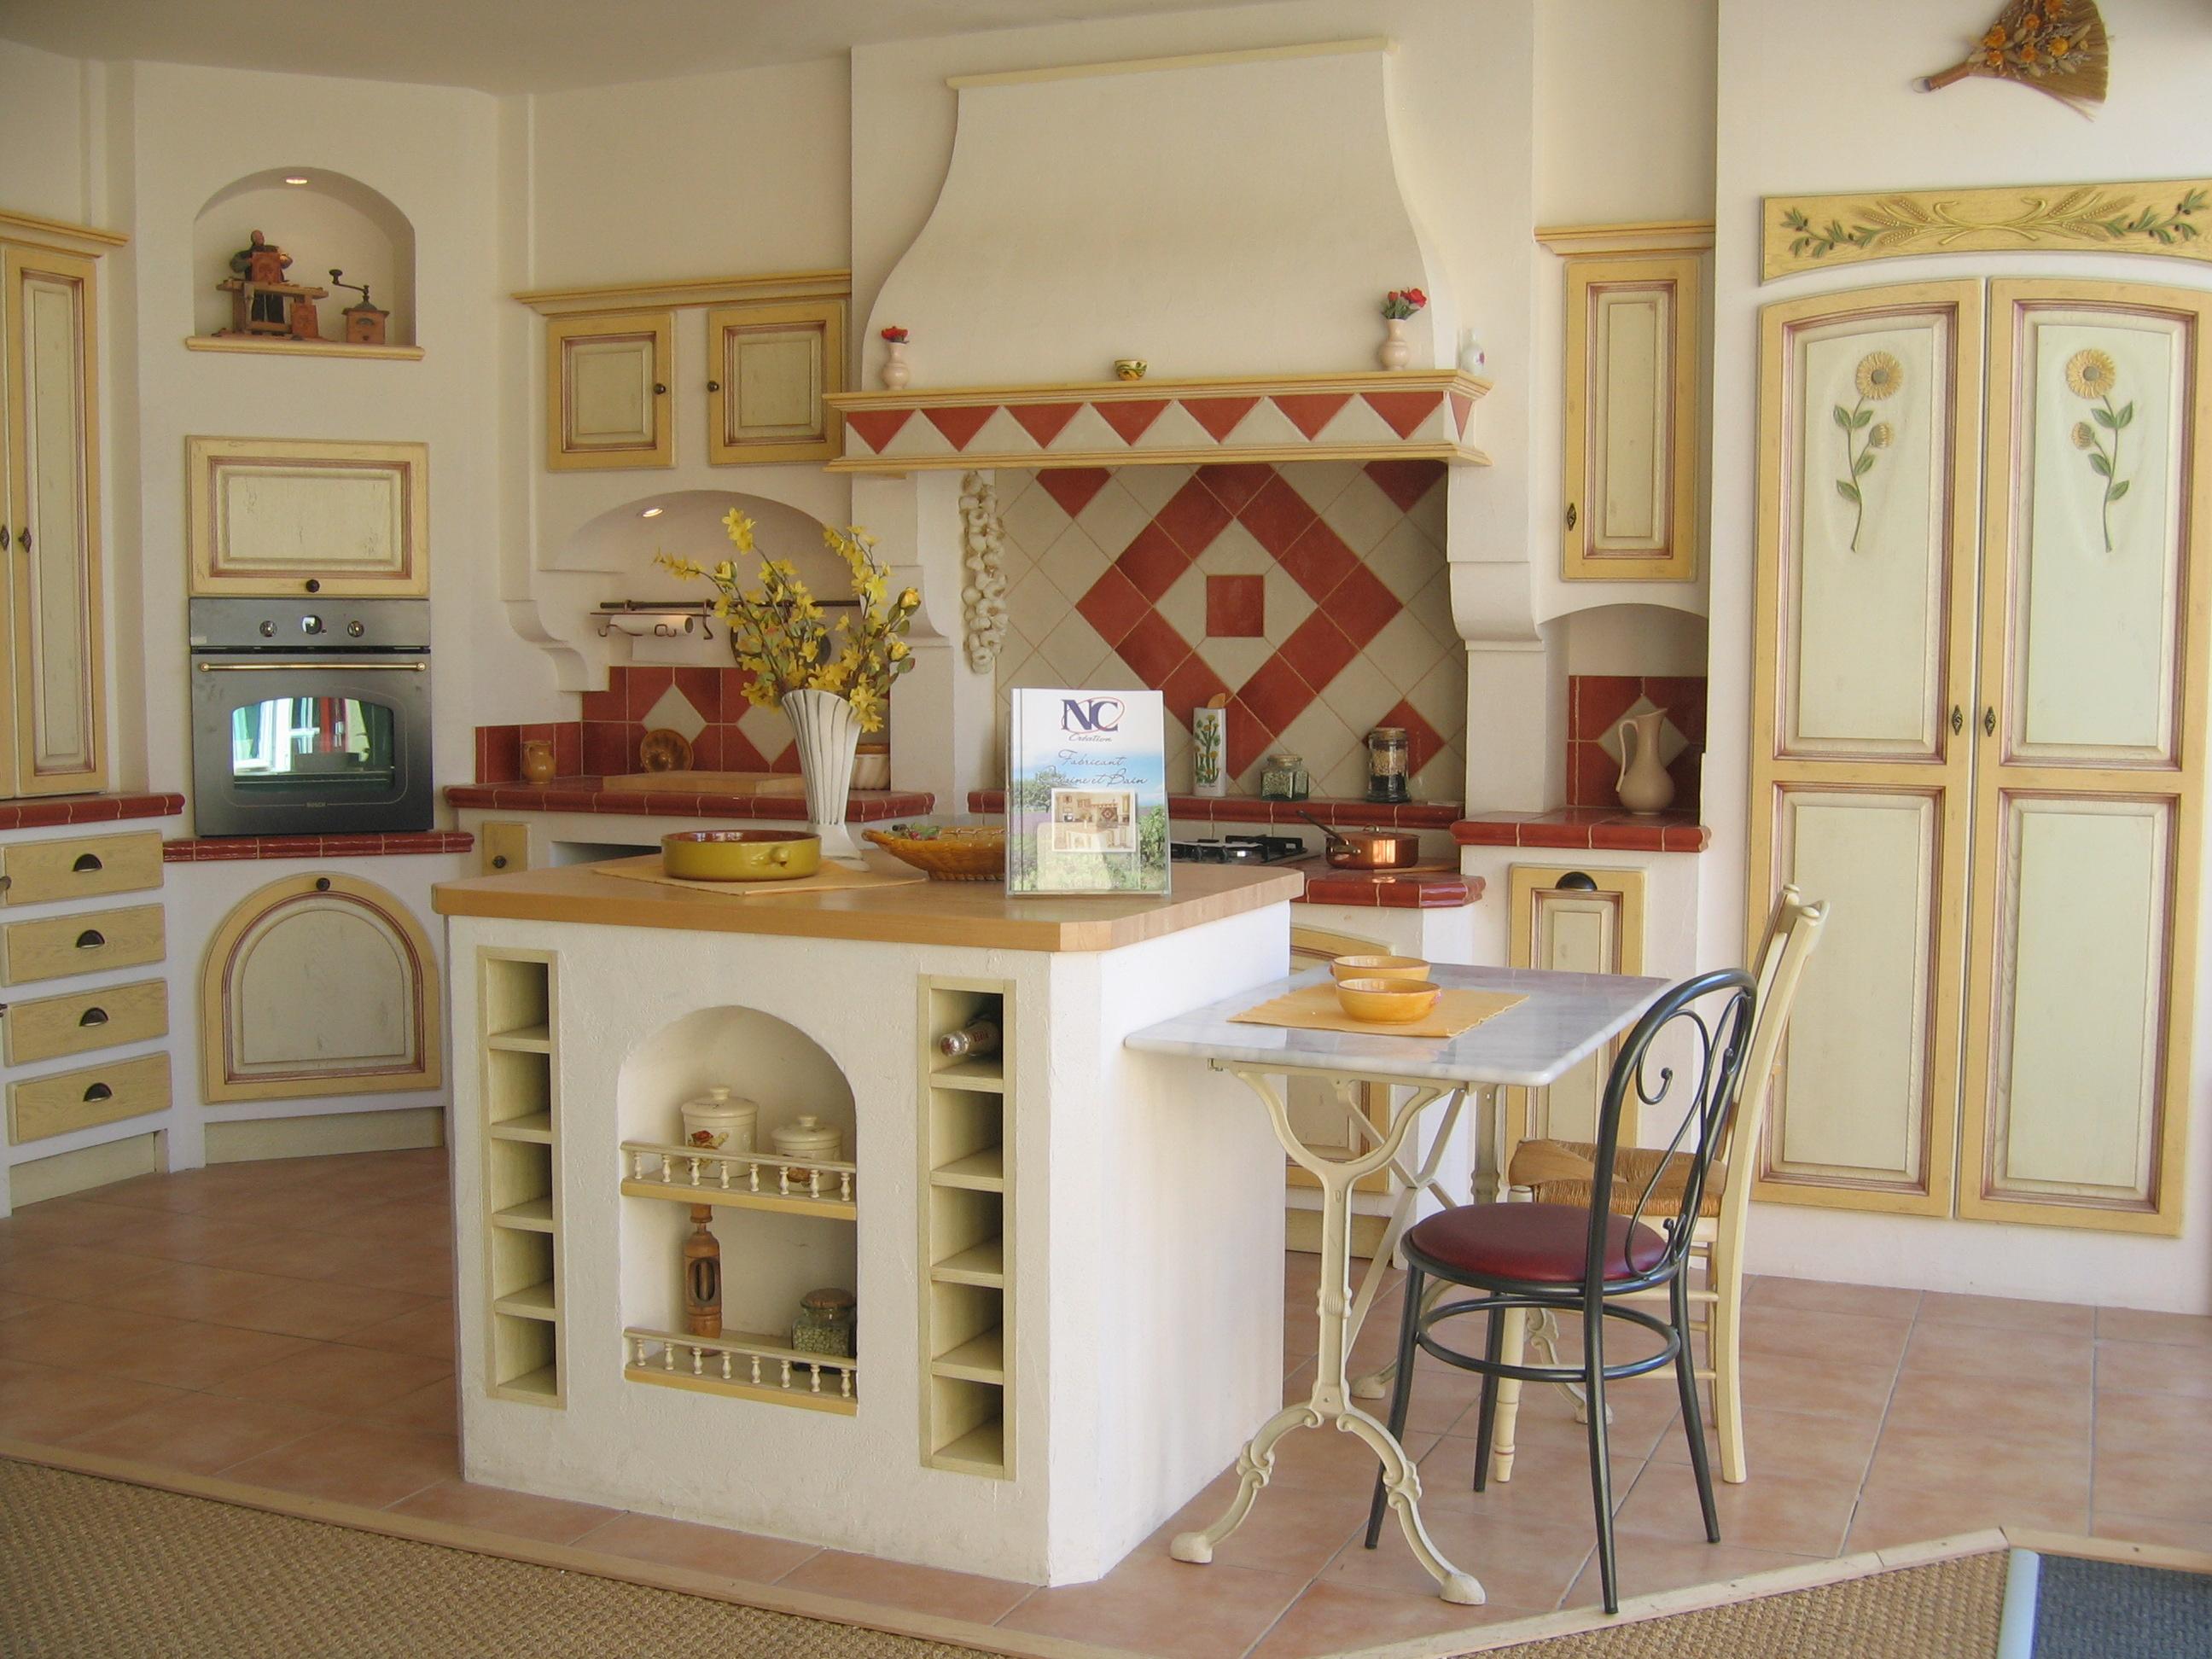 Modele cuisine provencale jaune - Modele de cuisine provencale ...